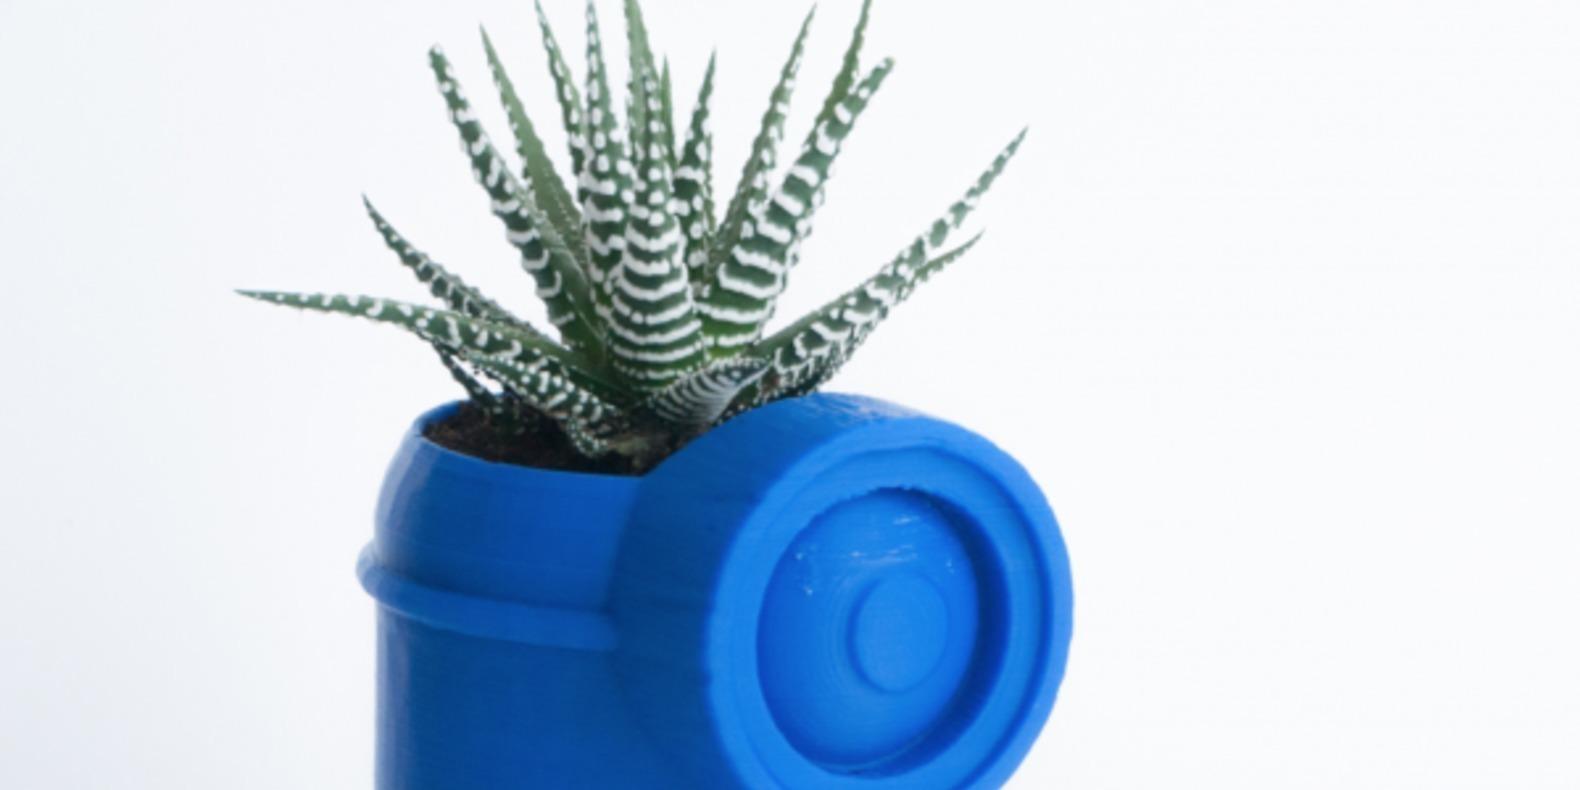 pot-imprimé-en-3D-pots-de-fleurs-cults-pacman-baby-groot-minion-2.png